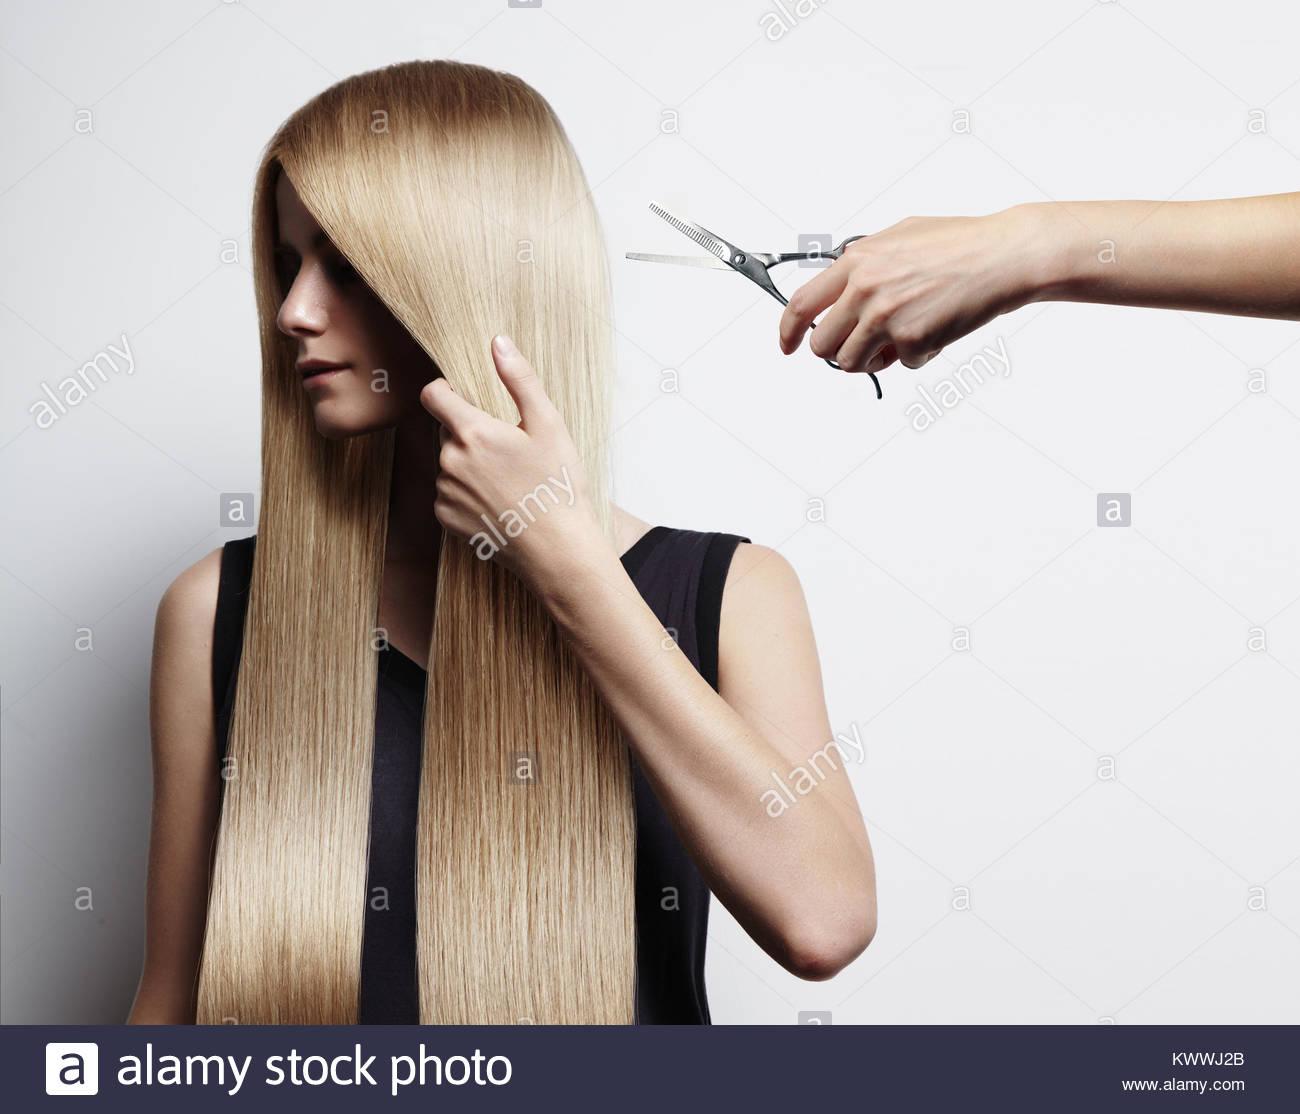 Corte de cabello en u largo